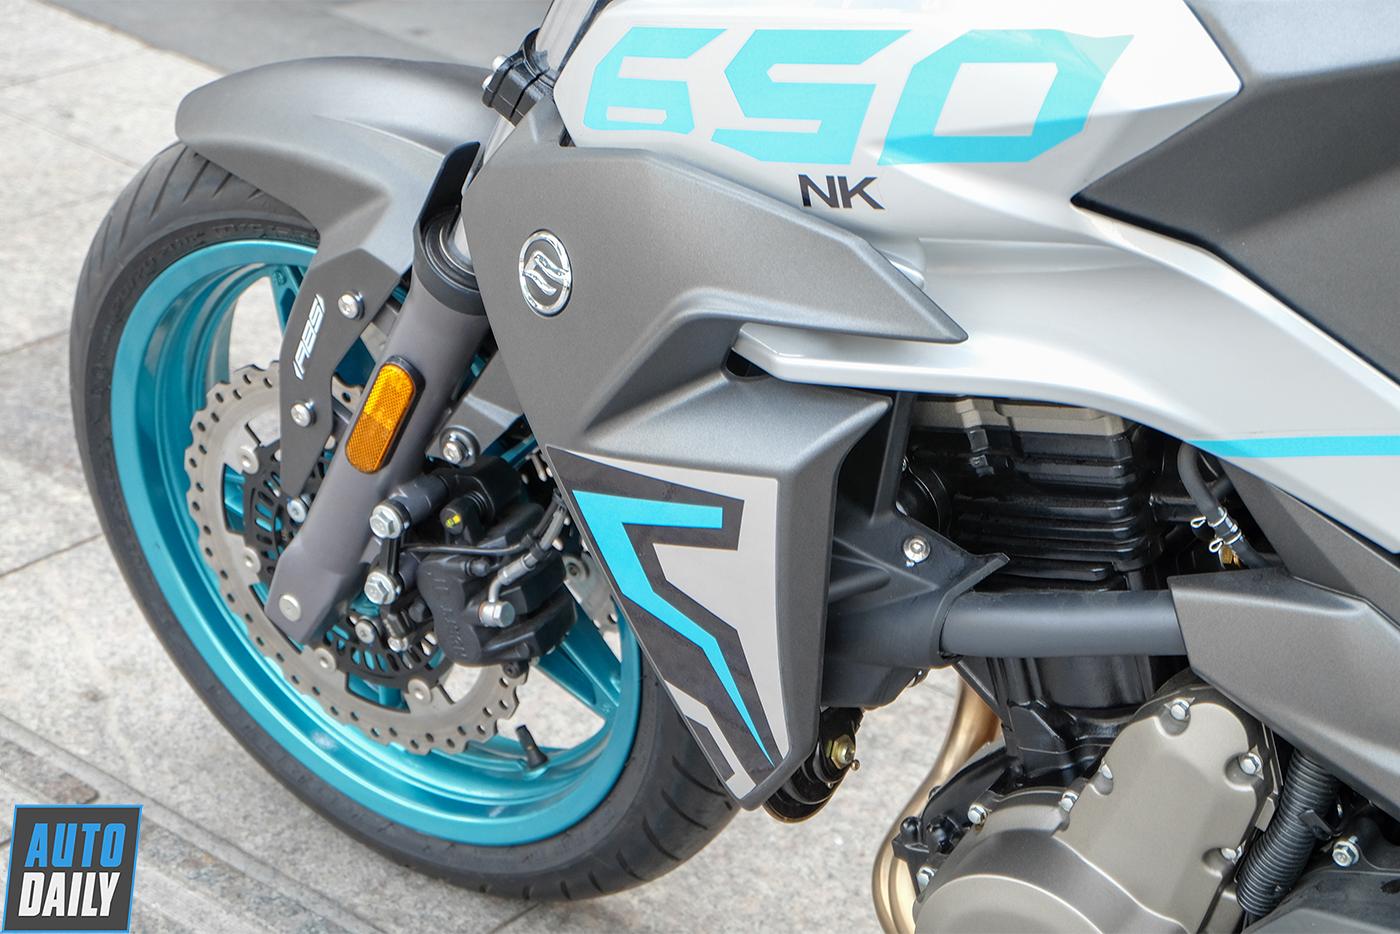 cf-moto-650nk-13.jpg